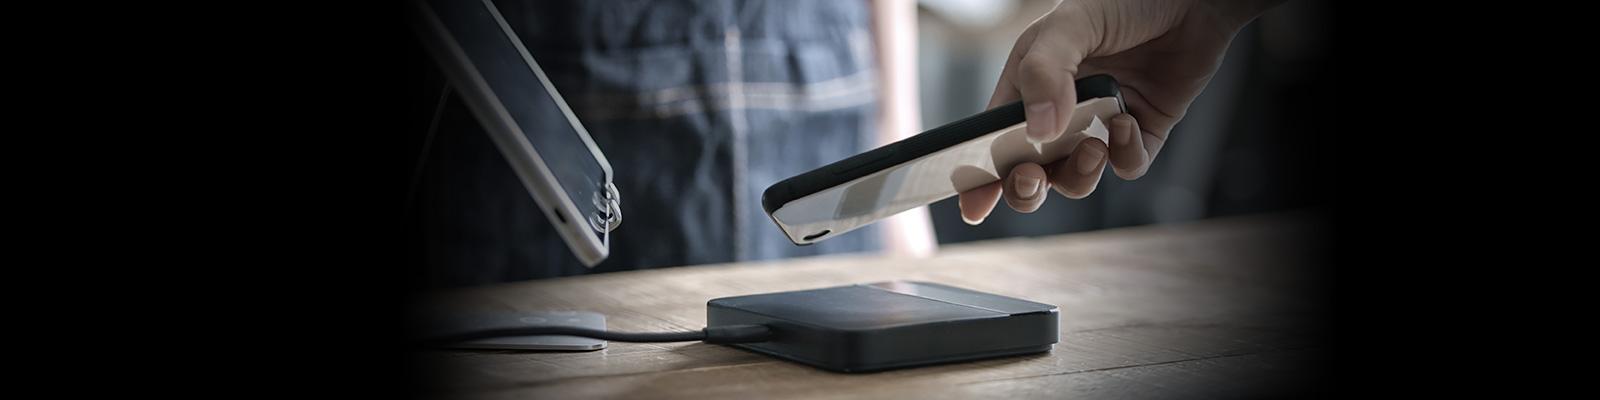 スマートフォン 電子決済 利用者 イメージ